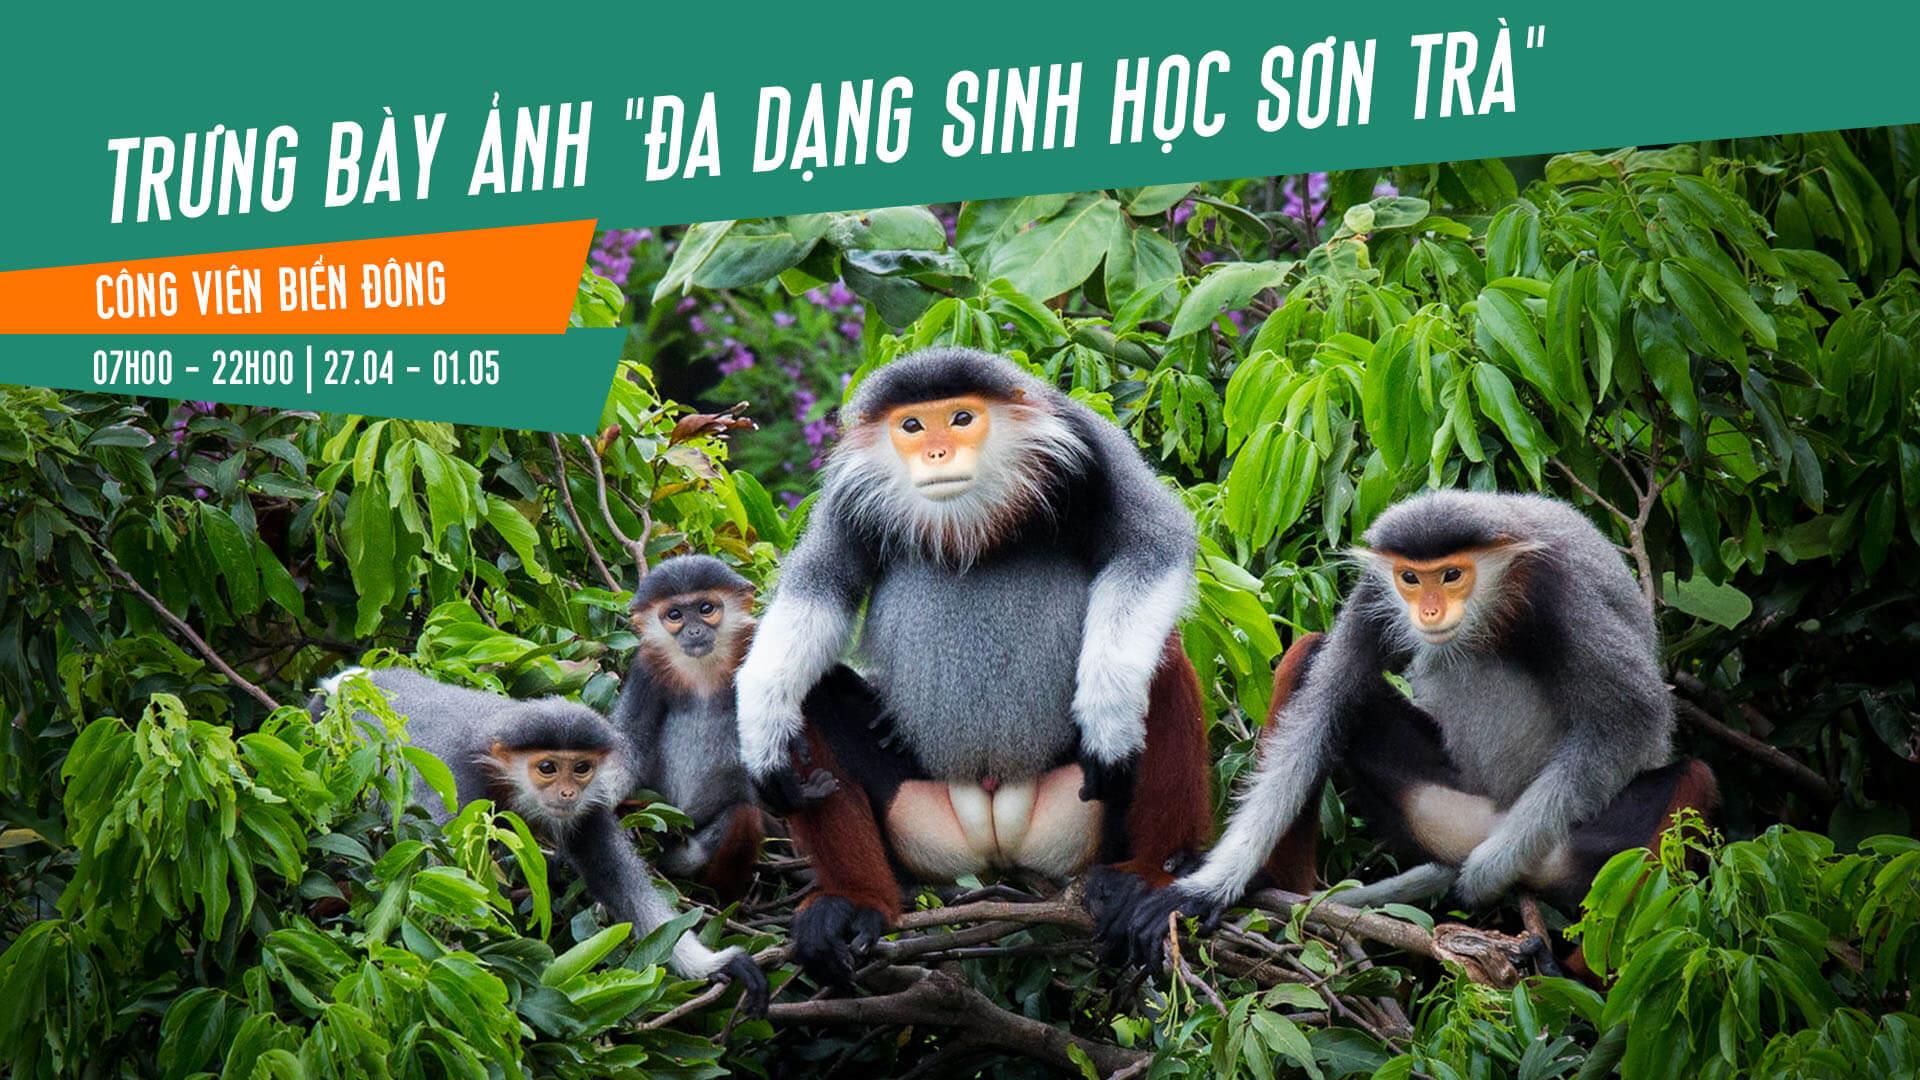 Chi tiết chương trình Khai trương mùa Du lịch biển Đà Nẵng 2018 2